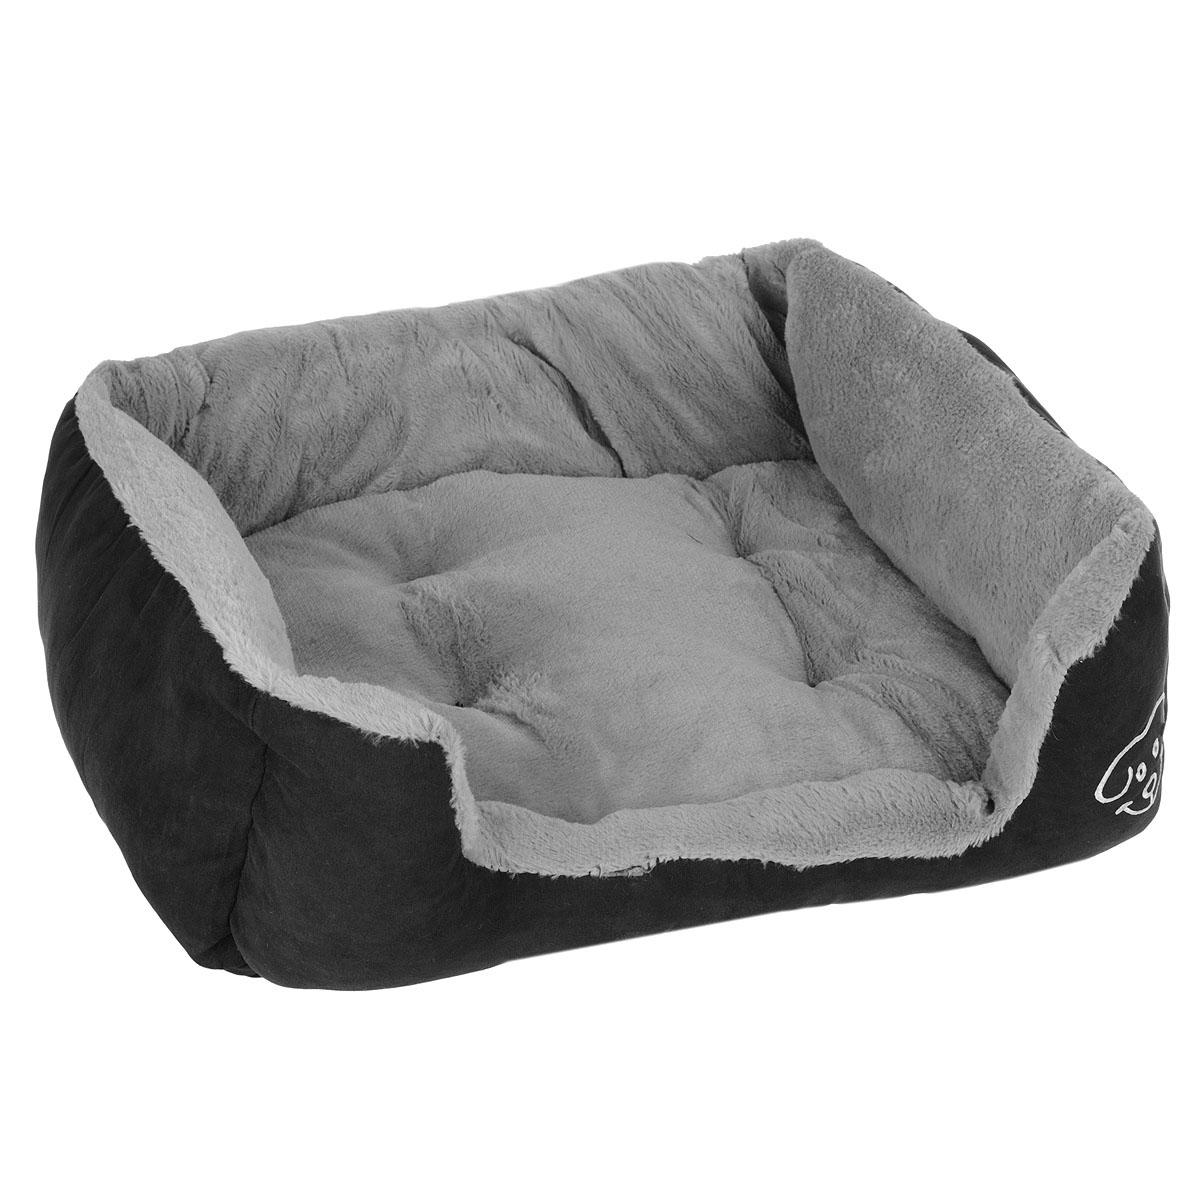 Лежак для собак I.P.T.S. Doomba, 55 см х 50 см х 20 см0120710Лежак I.P.T.S. Doomba станет излюбленным местом отдыха вашего четвероногого друга. Даже самому своенравному питомцу понравится этот уютный мягкий уголок для сна. Лежак имеет форму диванчика с мягкими бортиками и выполнен в приятных черно-серых оттенках. Сочетание этих нейтральных цветов впишется в интерьер, и изделие будет одинаково хорошо смотреться как в гостиной, так и в другой комнате.Товар сертифицирован.